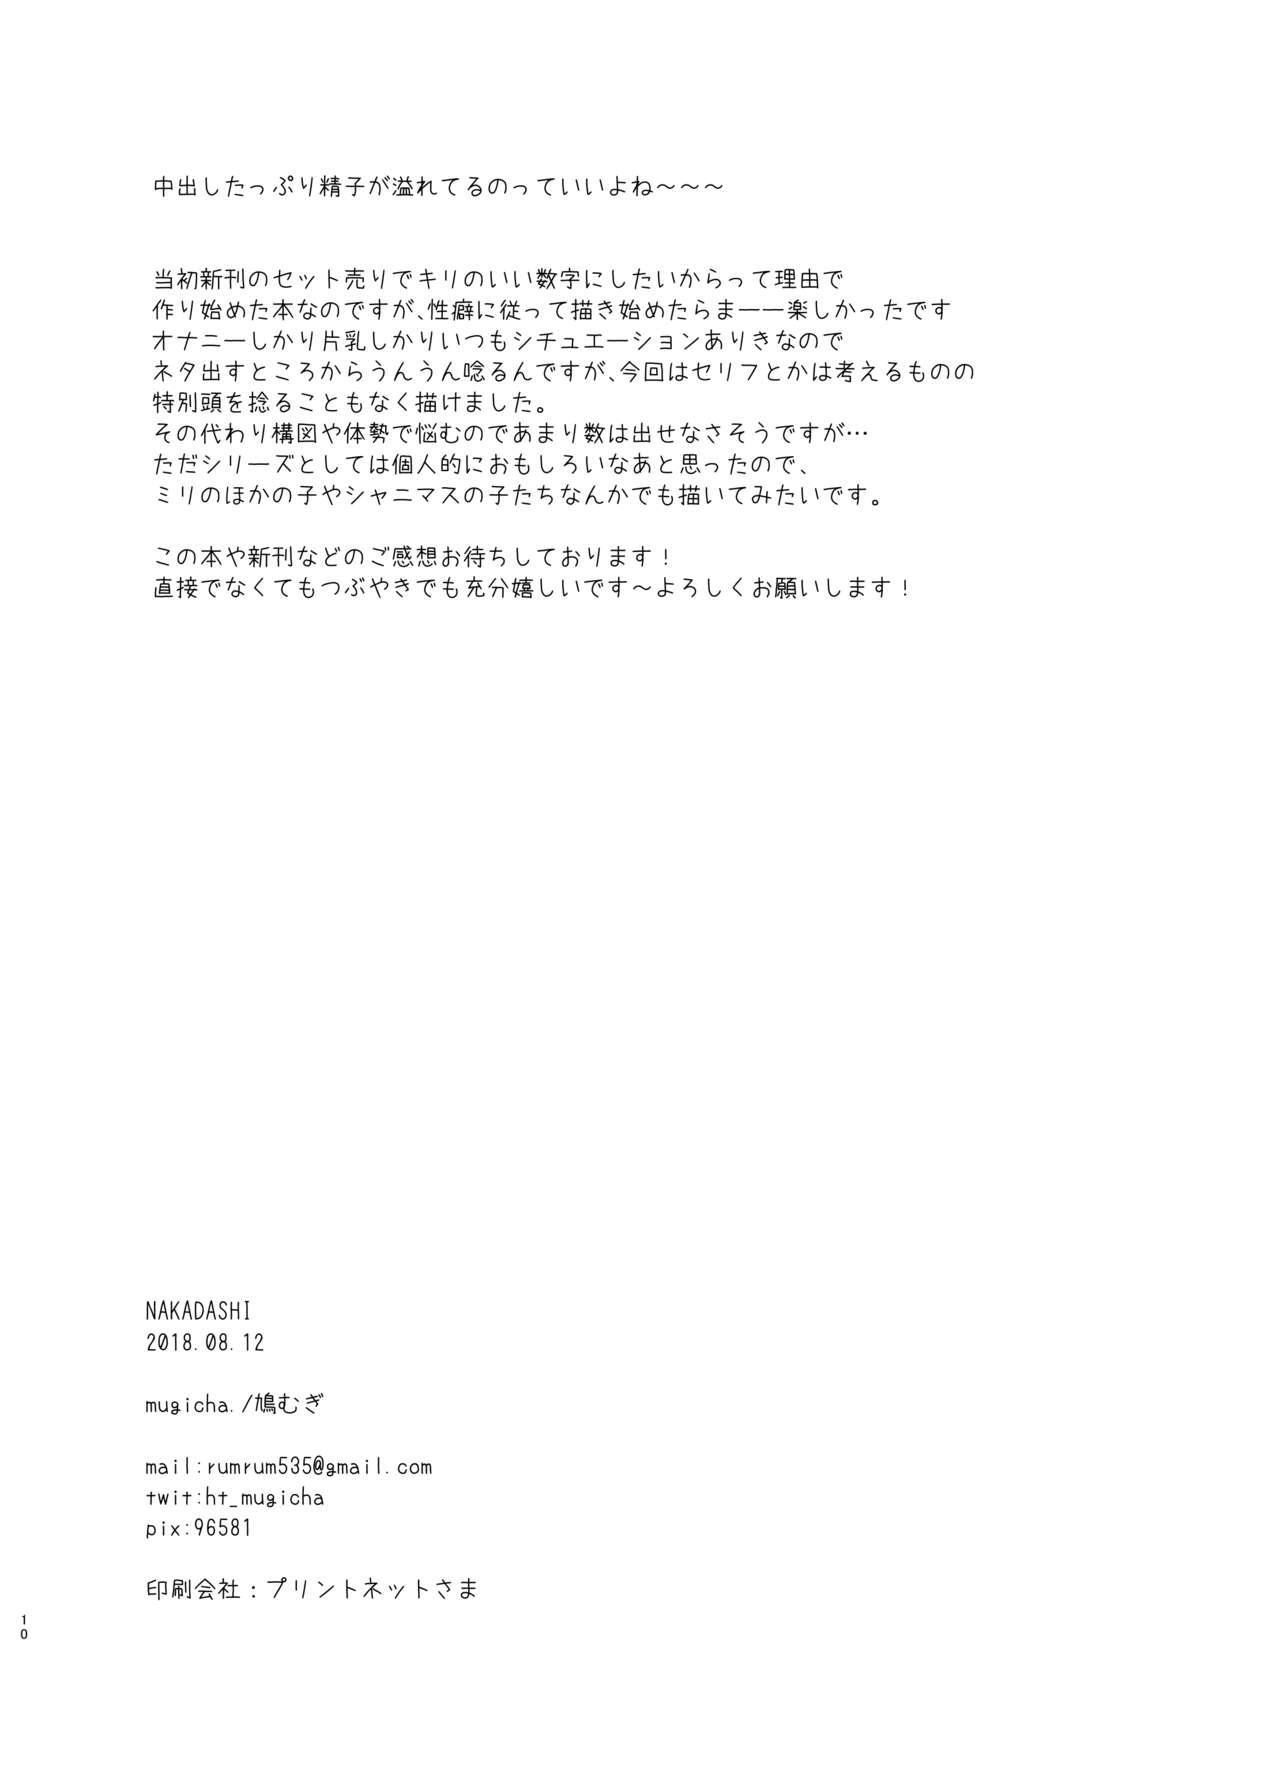 NAKADASHI 5